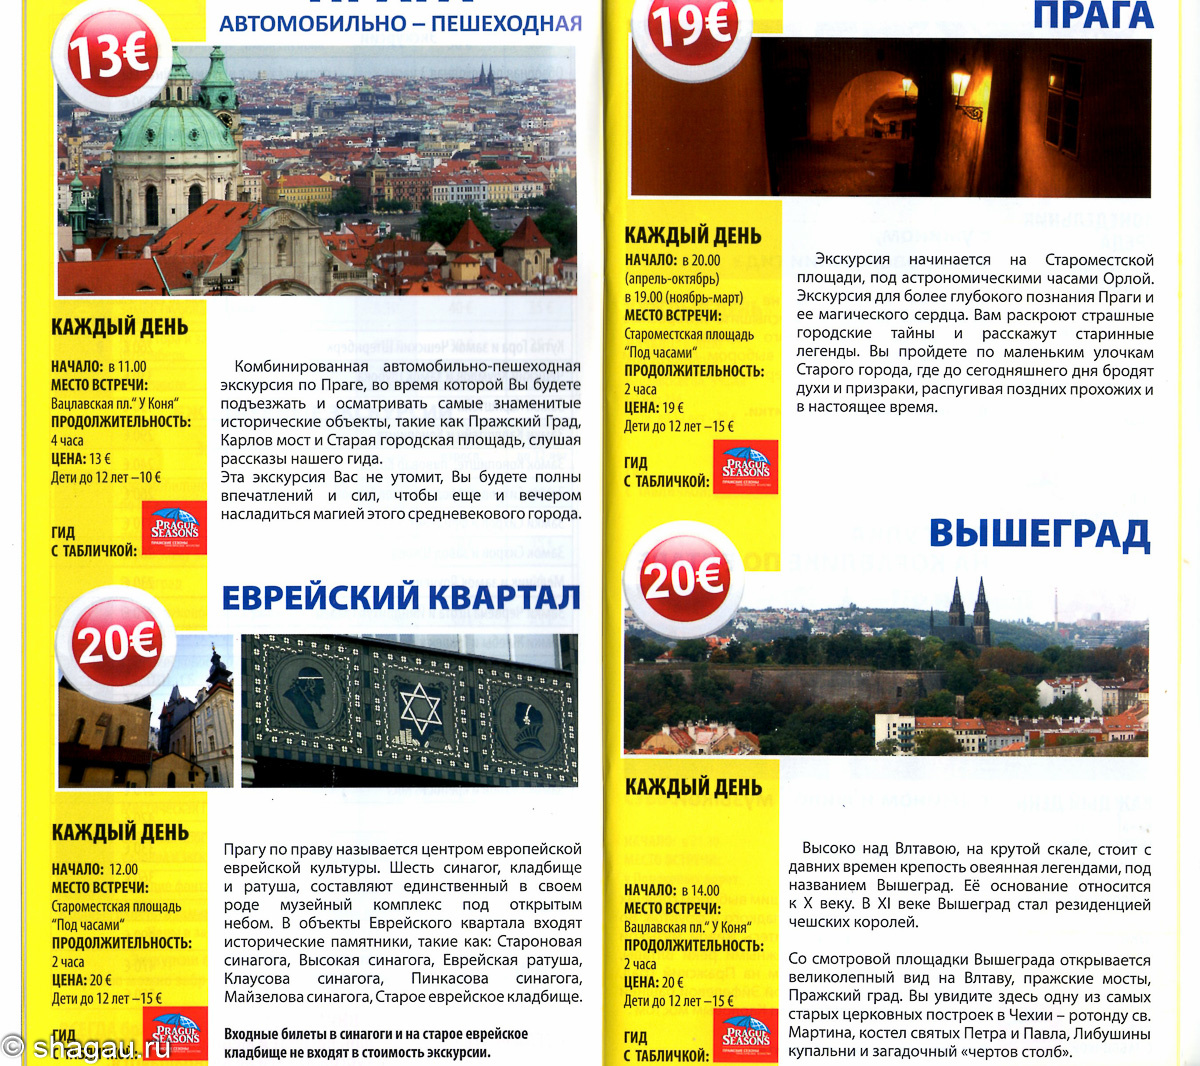 Экскурсии по Праге